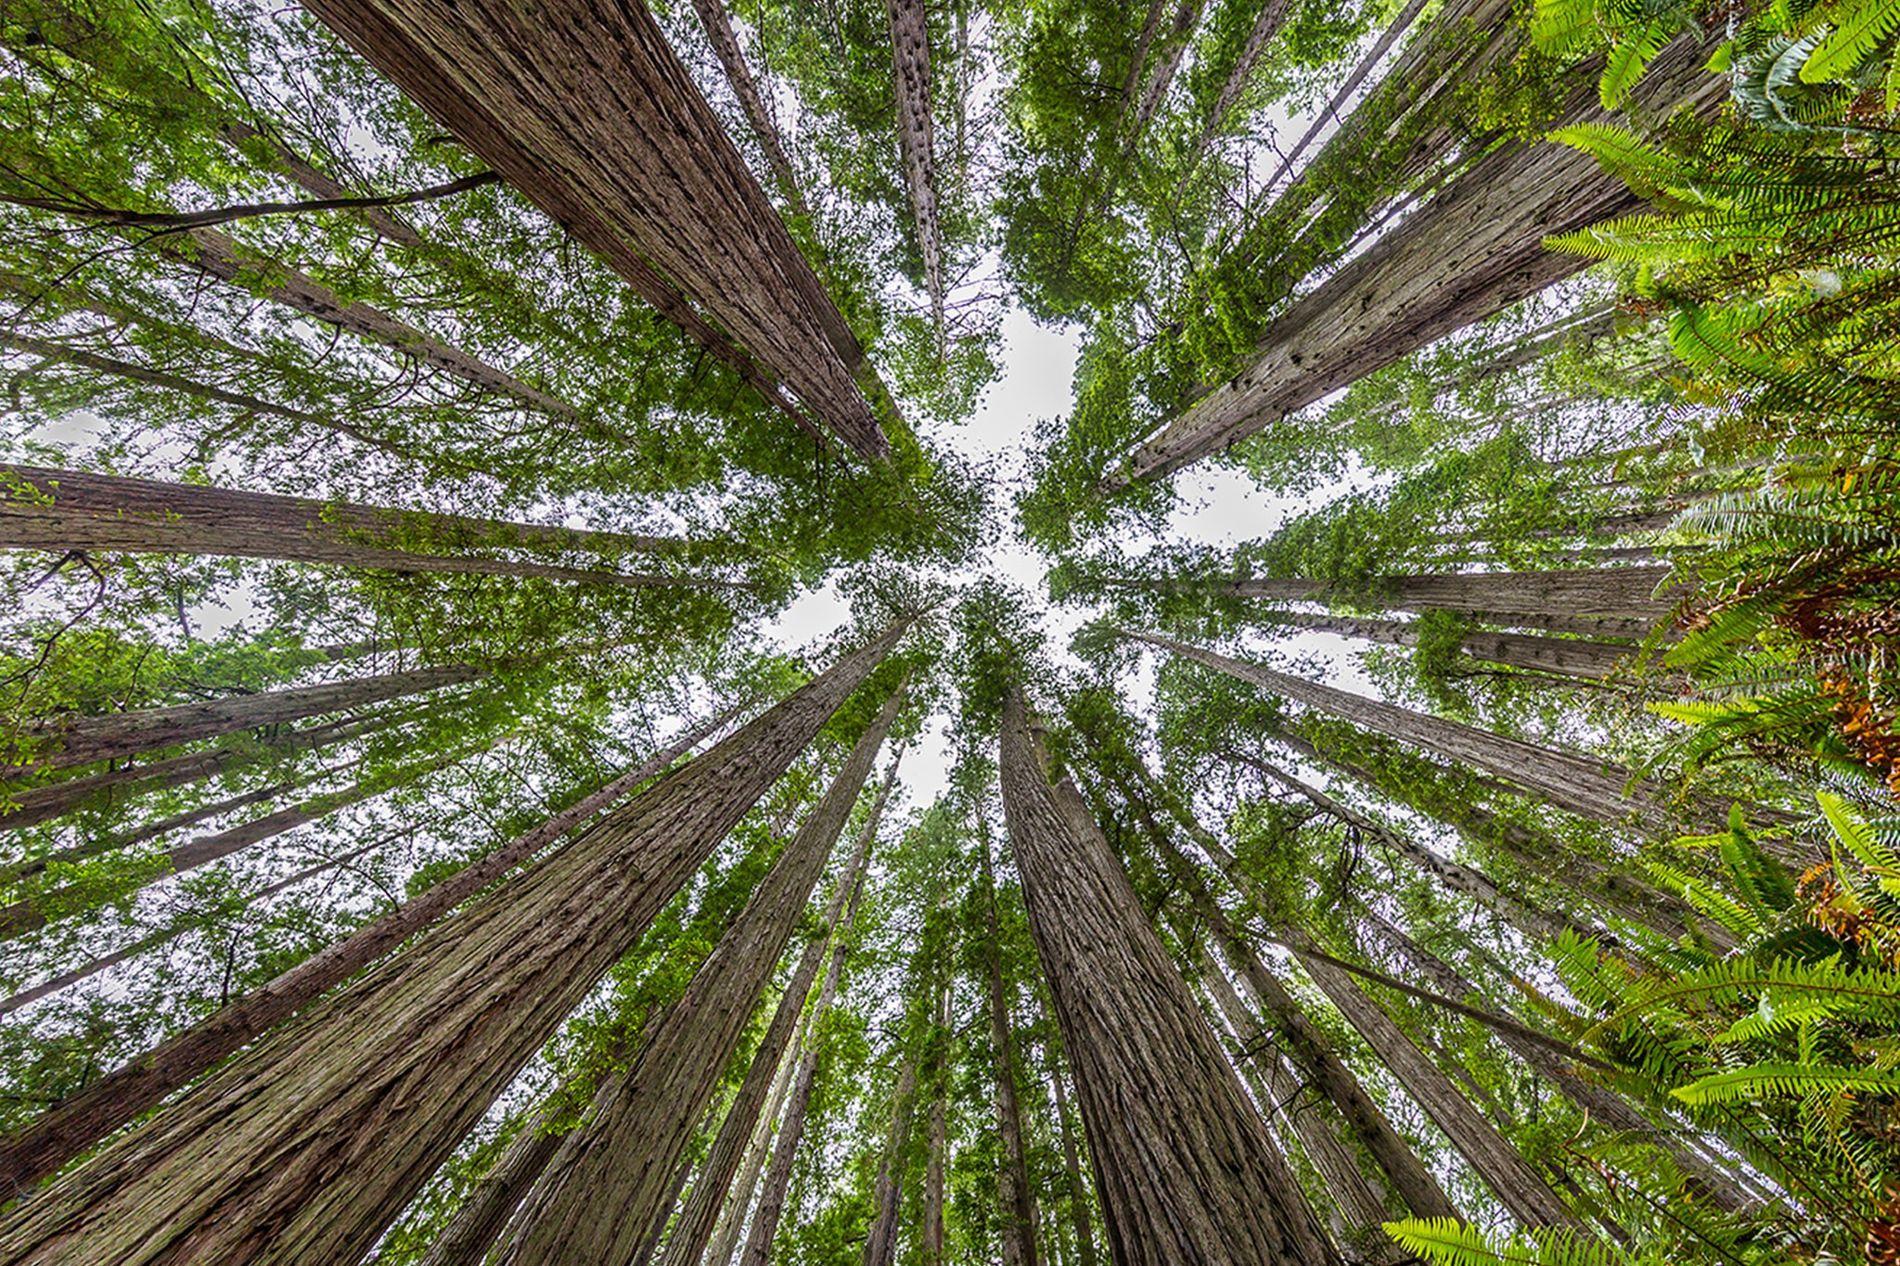 Les plus grands arbres du monde se dressent dans la forêt de Redwood, dans le nord ...